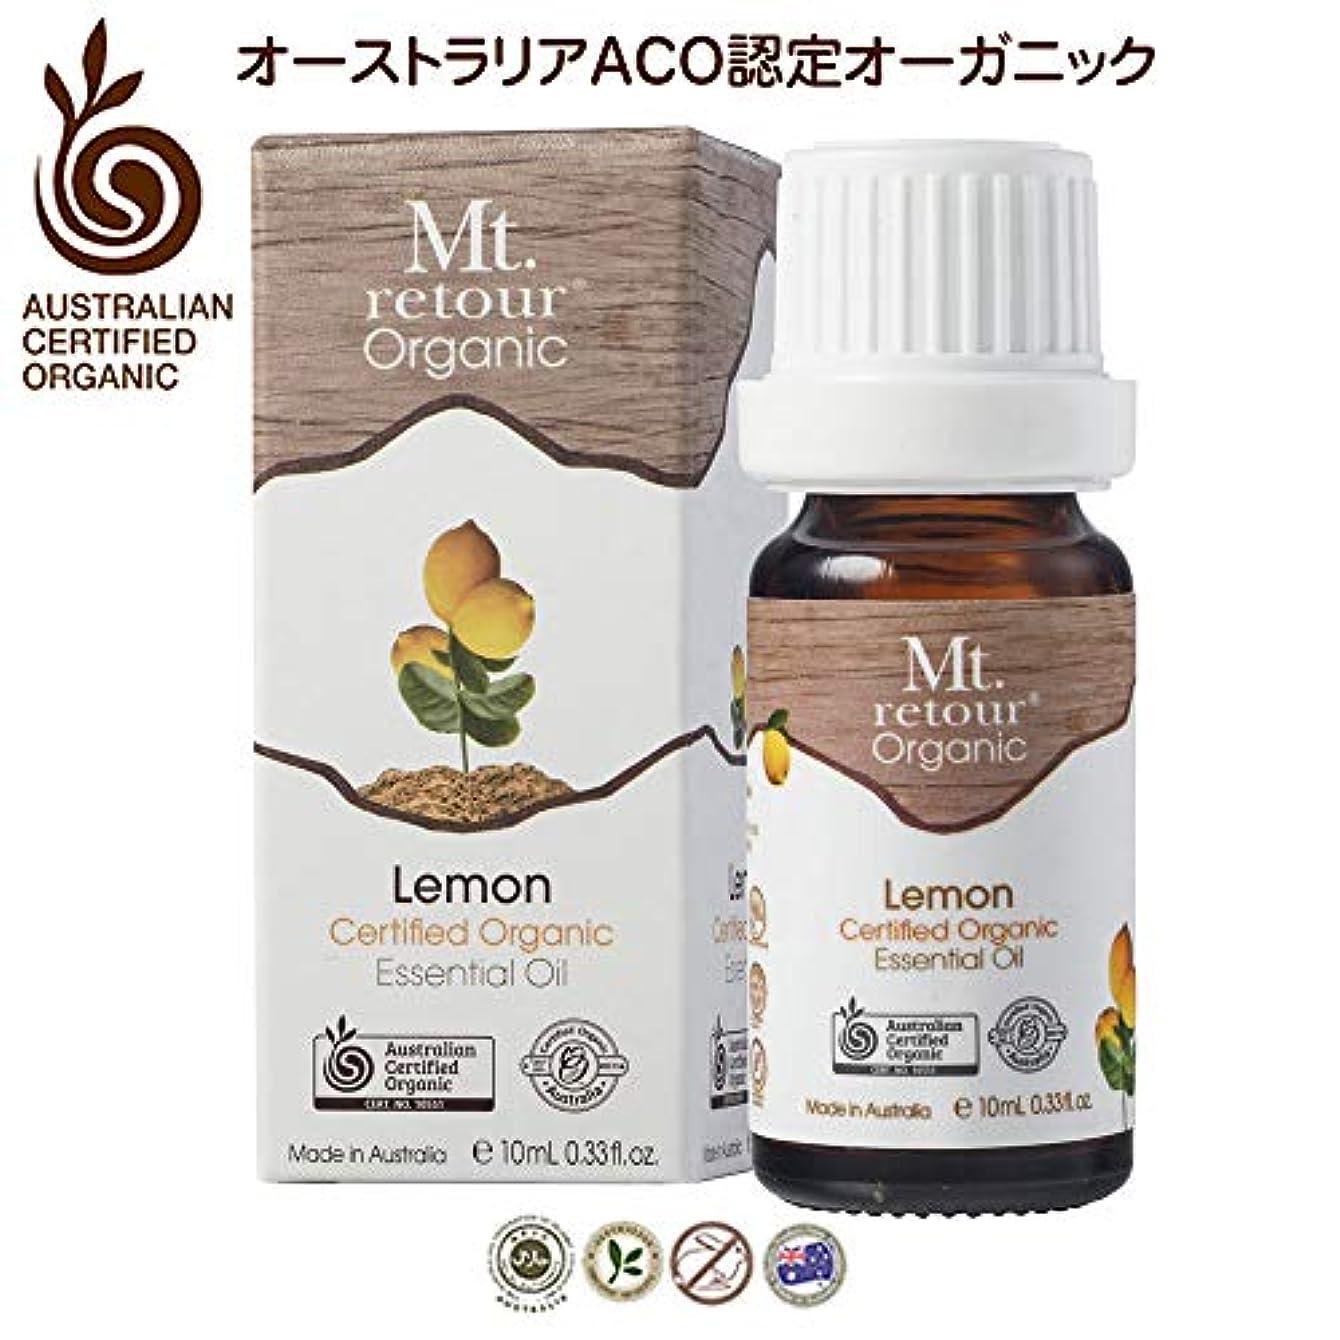 田舎者楽なスチールMt. retour ACO認定オーガニック レモン 10ml エッセンシャルオイル(無農薬有機栽培)アロマ